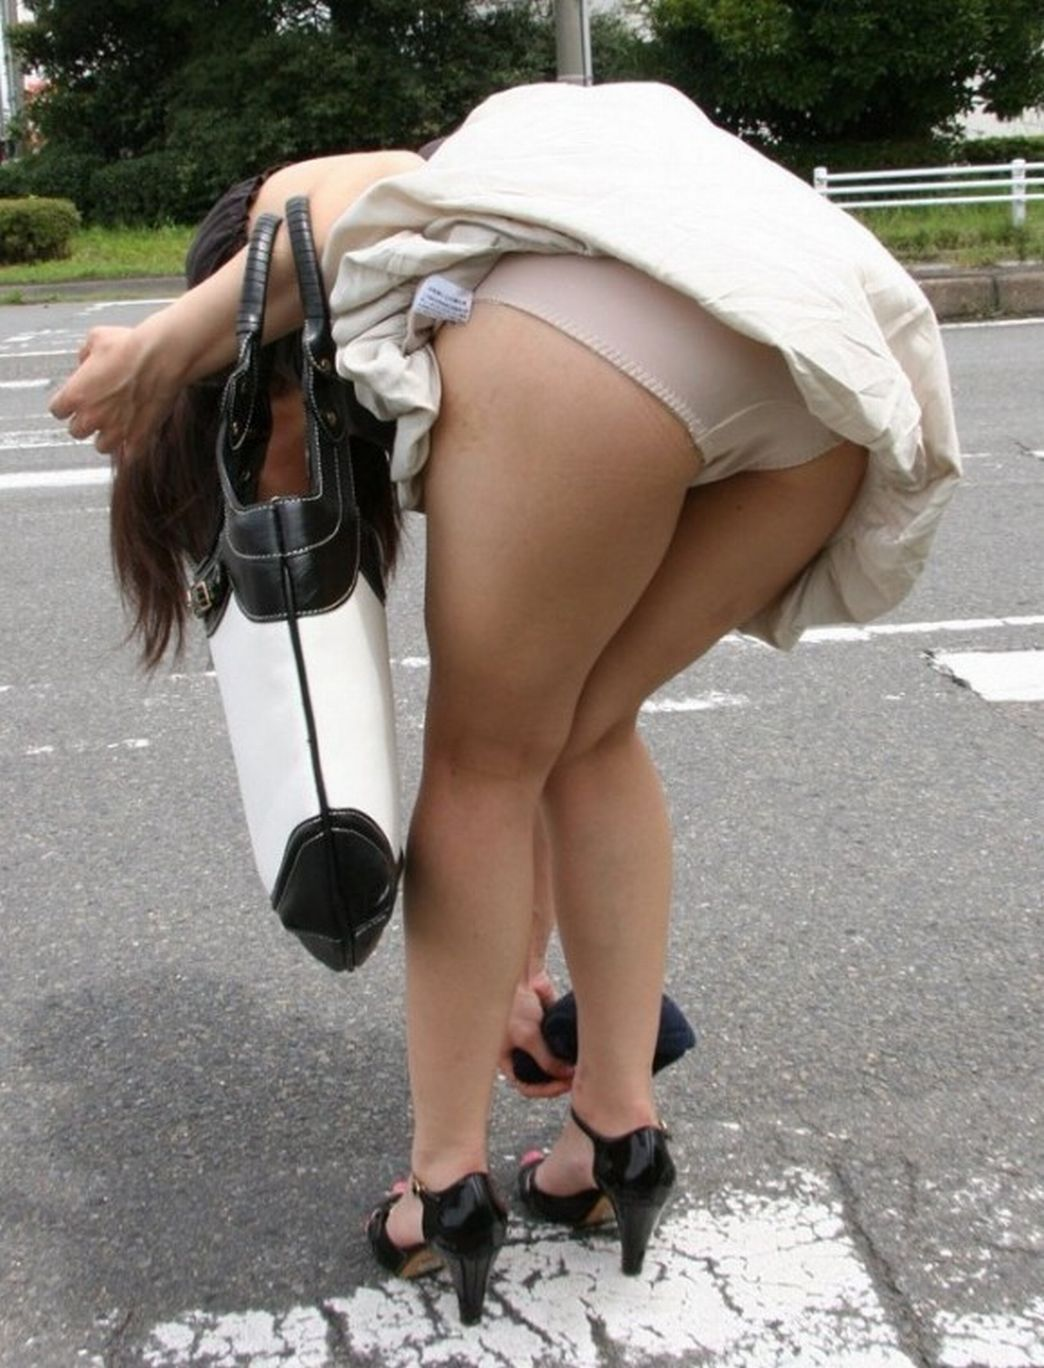 【レーパン以外も】女子のレーパン画像26着目【OK】 [無断転載禁止]©2ch.netYouTube動画>3本 ->画像>500枚